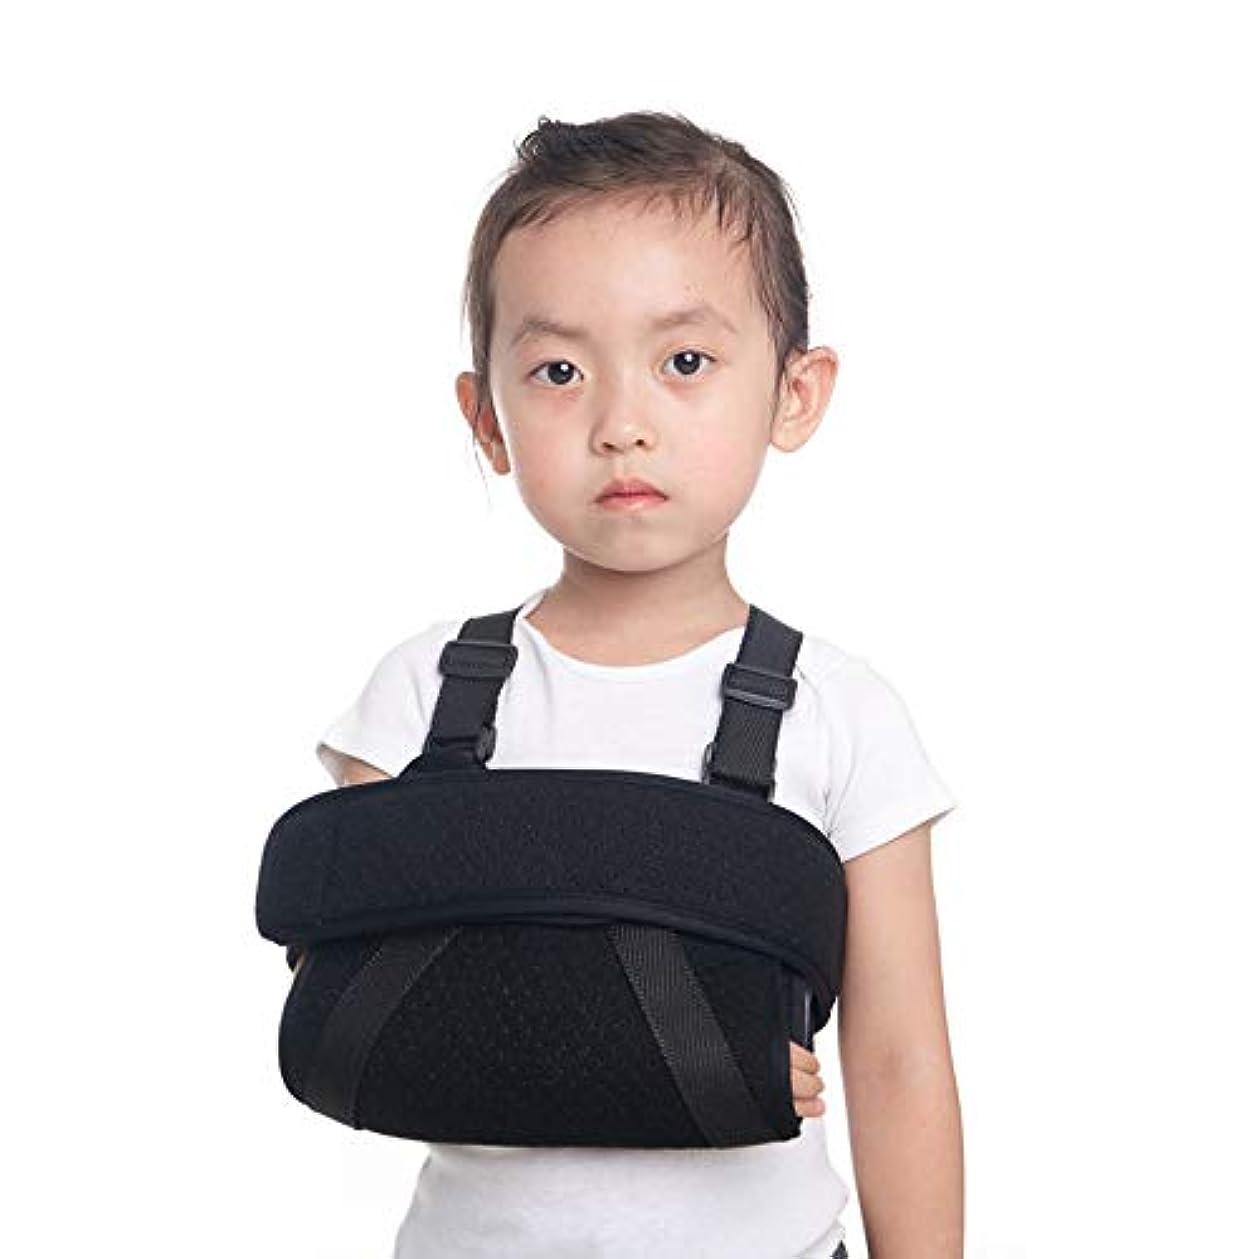 正直友だち悪意キッズフラクチャリングスリング、アームエルボーフラクチャ固定ブレース、6-10歳の子供の 手首脱臼保護サポート,S